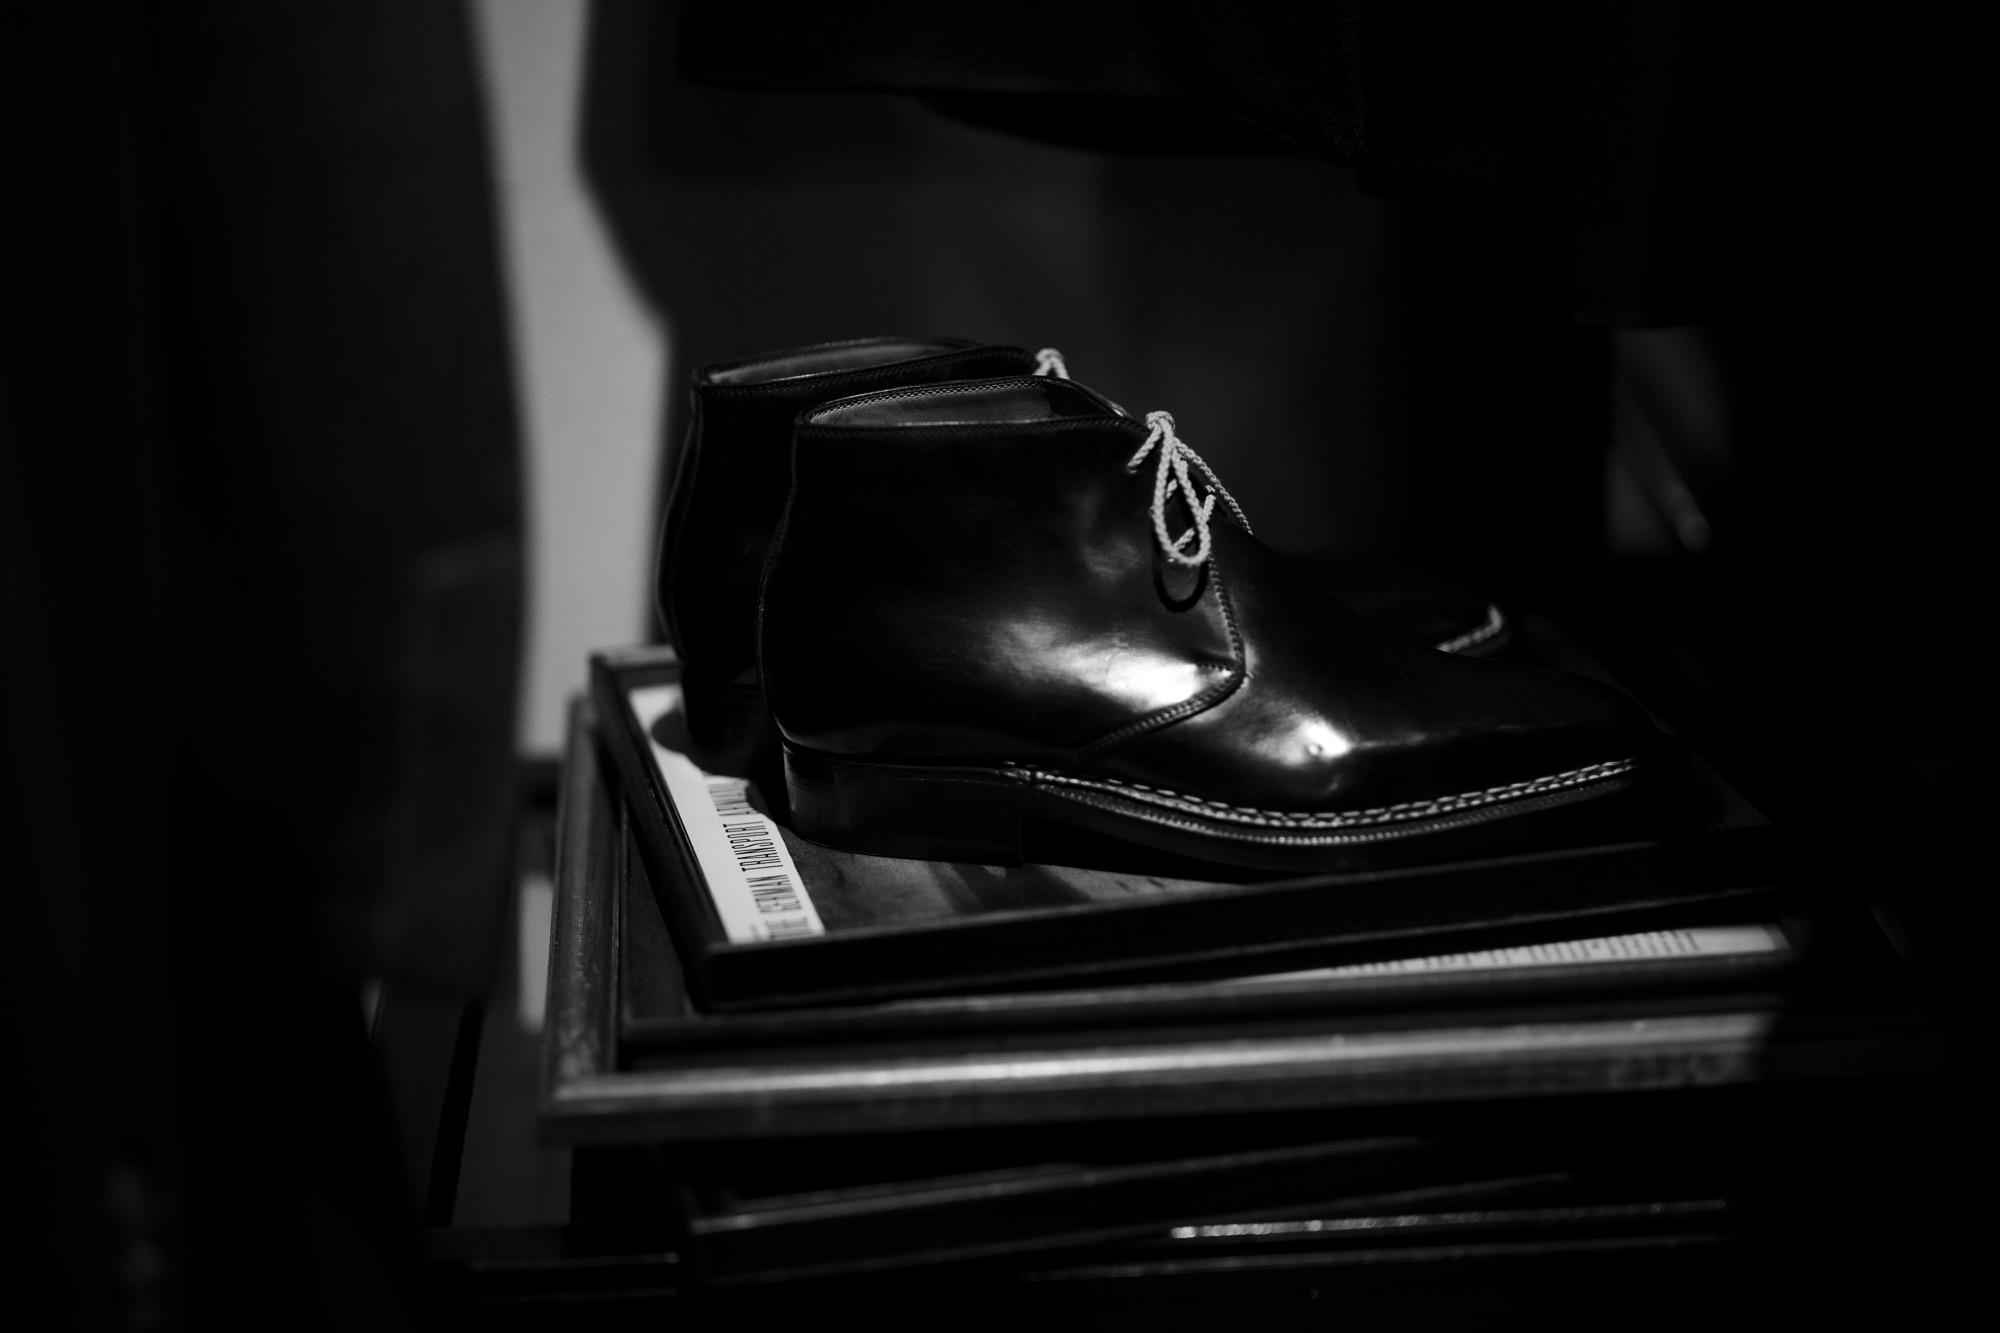 ENZO BONAFE(エンツォボナフェ) ART.3722 Chukka boots チャッカブーツ Horween Shell Cordovan Leather ホーウィン社 シェルコードバンレザー ノルベジェーゼ製法 チャッカブーツ コードバンブーツ NERO(ブラック)  made in italy (イタリア製) 2019 春夏 【ご予約開始】【特別限定販売】 愛知 名古屋 Alto e Diritto アルト エ デリット エンツォボナフェ コードバン チャッカ 5.5,6,6.5,7,7.5,8,8.5,9,9.5